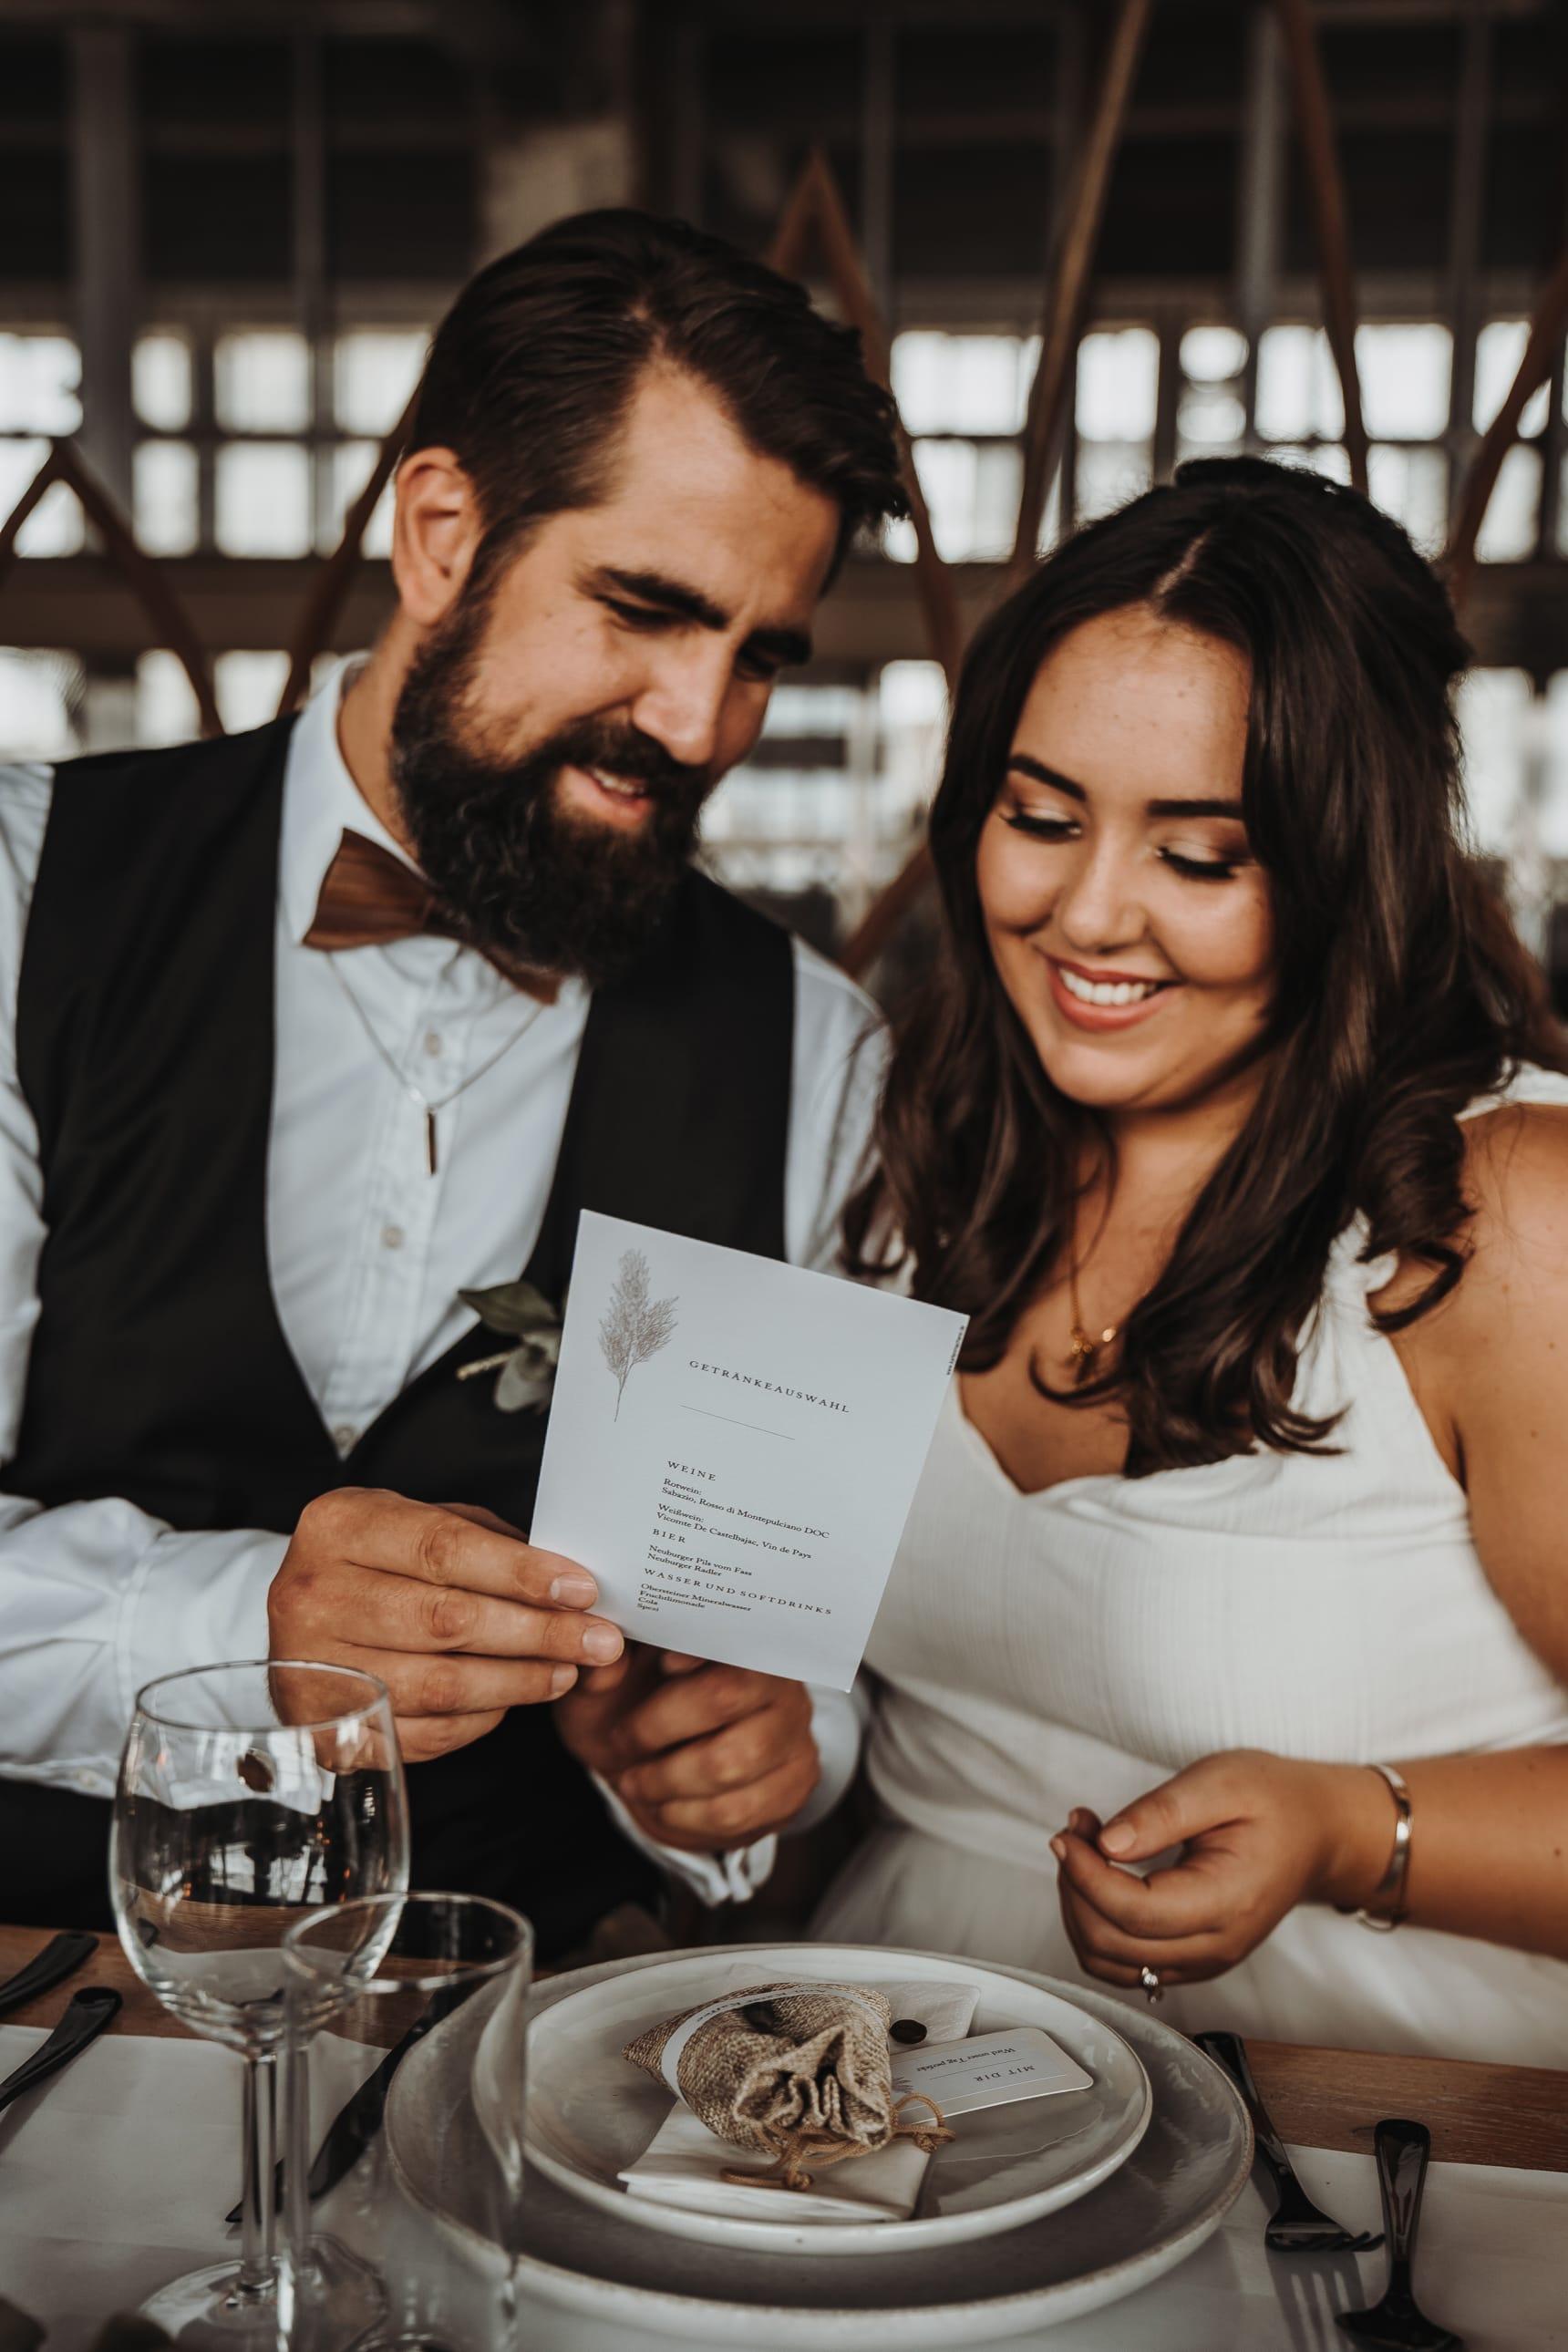 Tischdekoration_Hochzeit_02